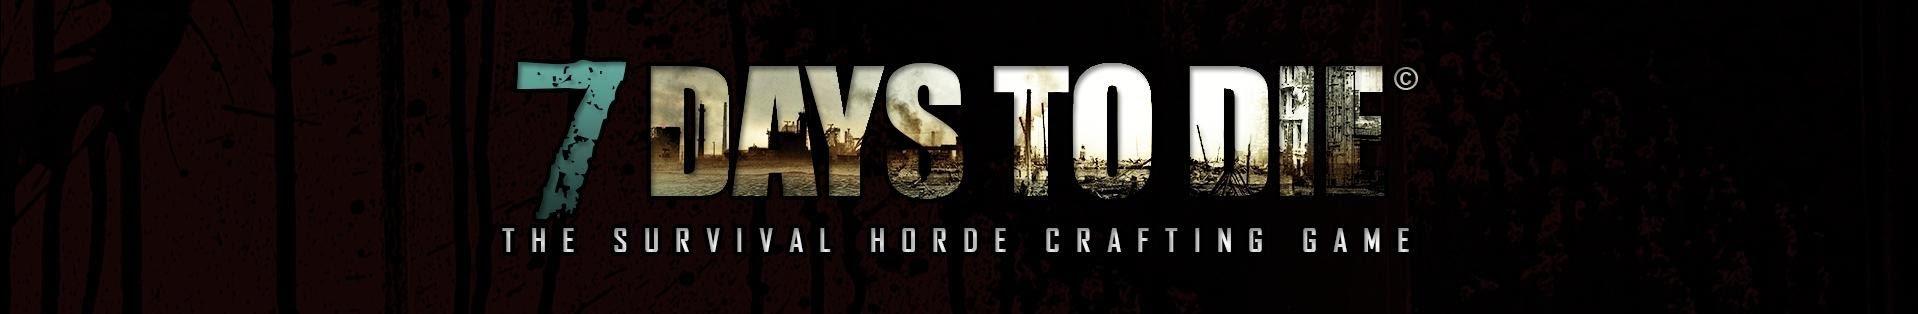 7days-banner